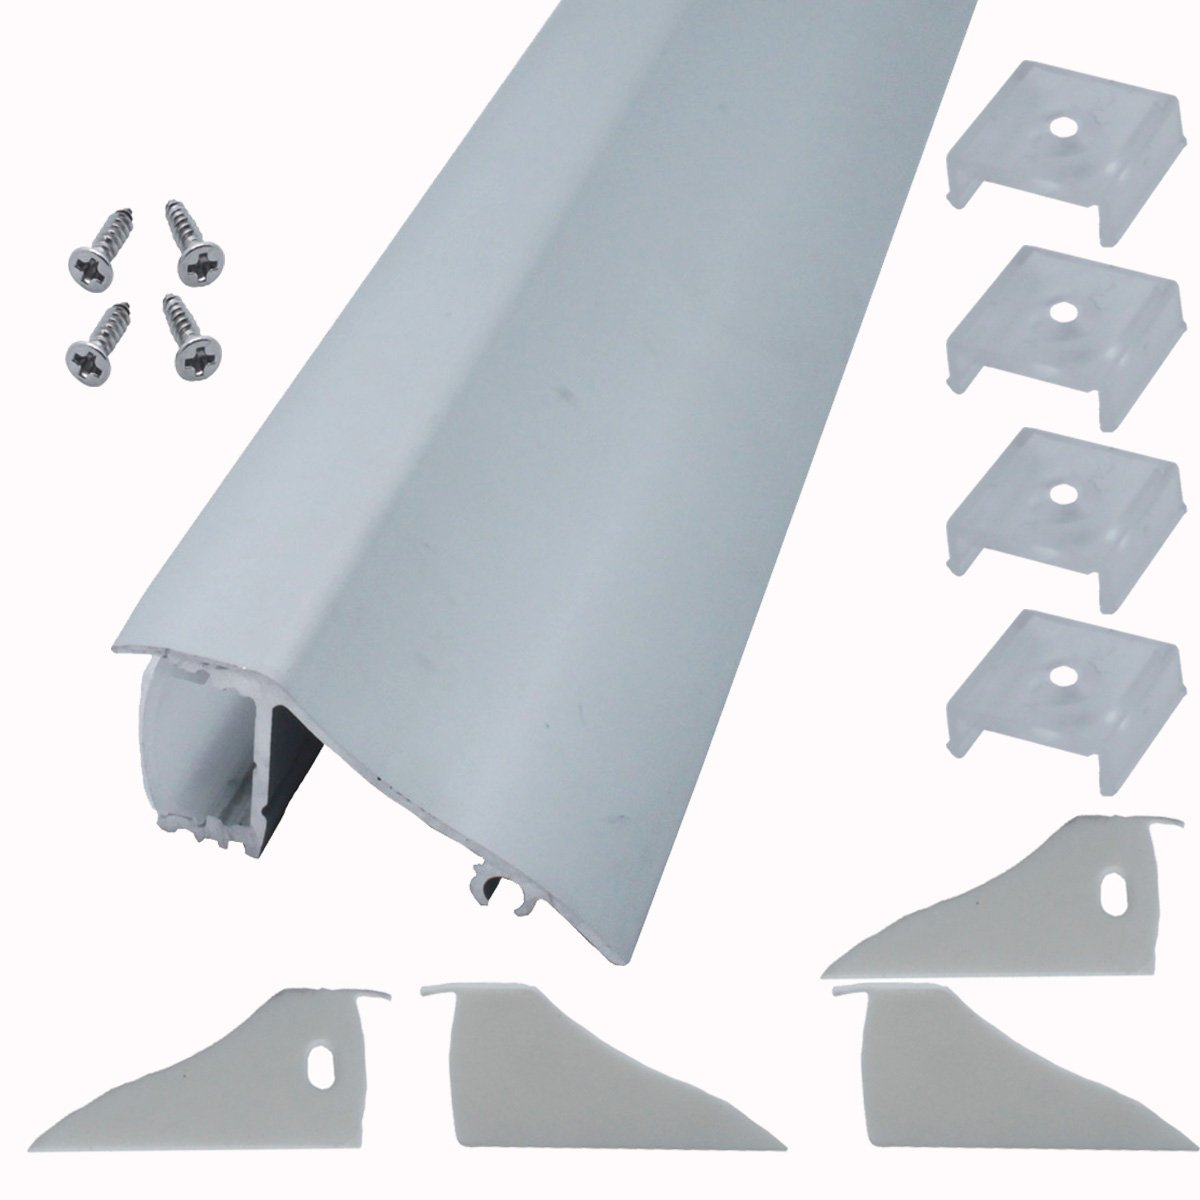 Litever 4 Pack 1M/3.3ft Aluminum LED Channels for